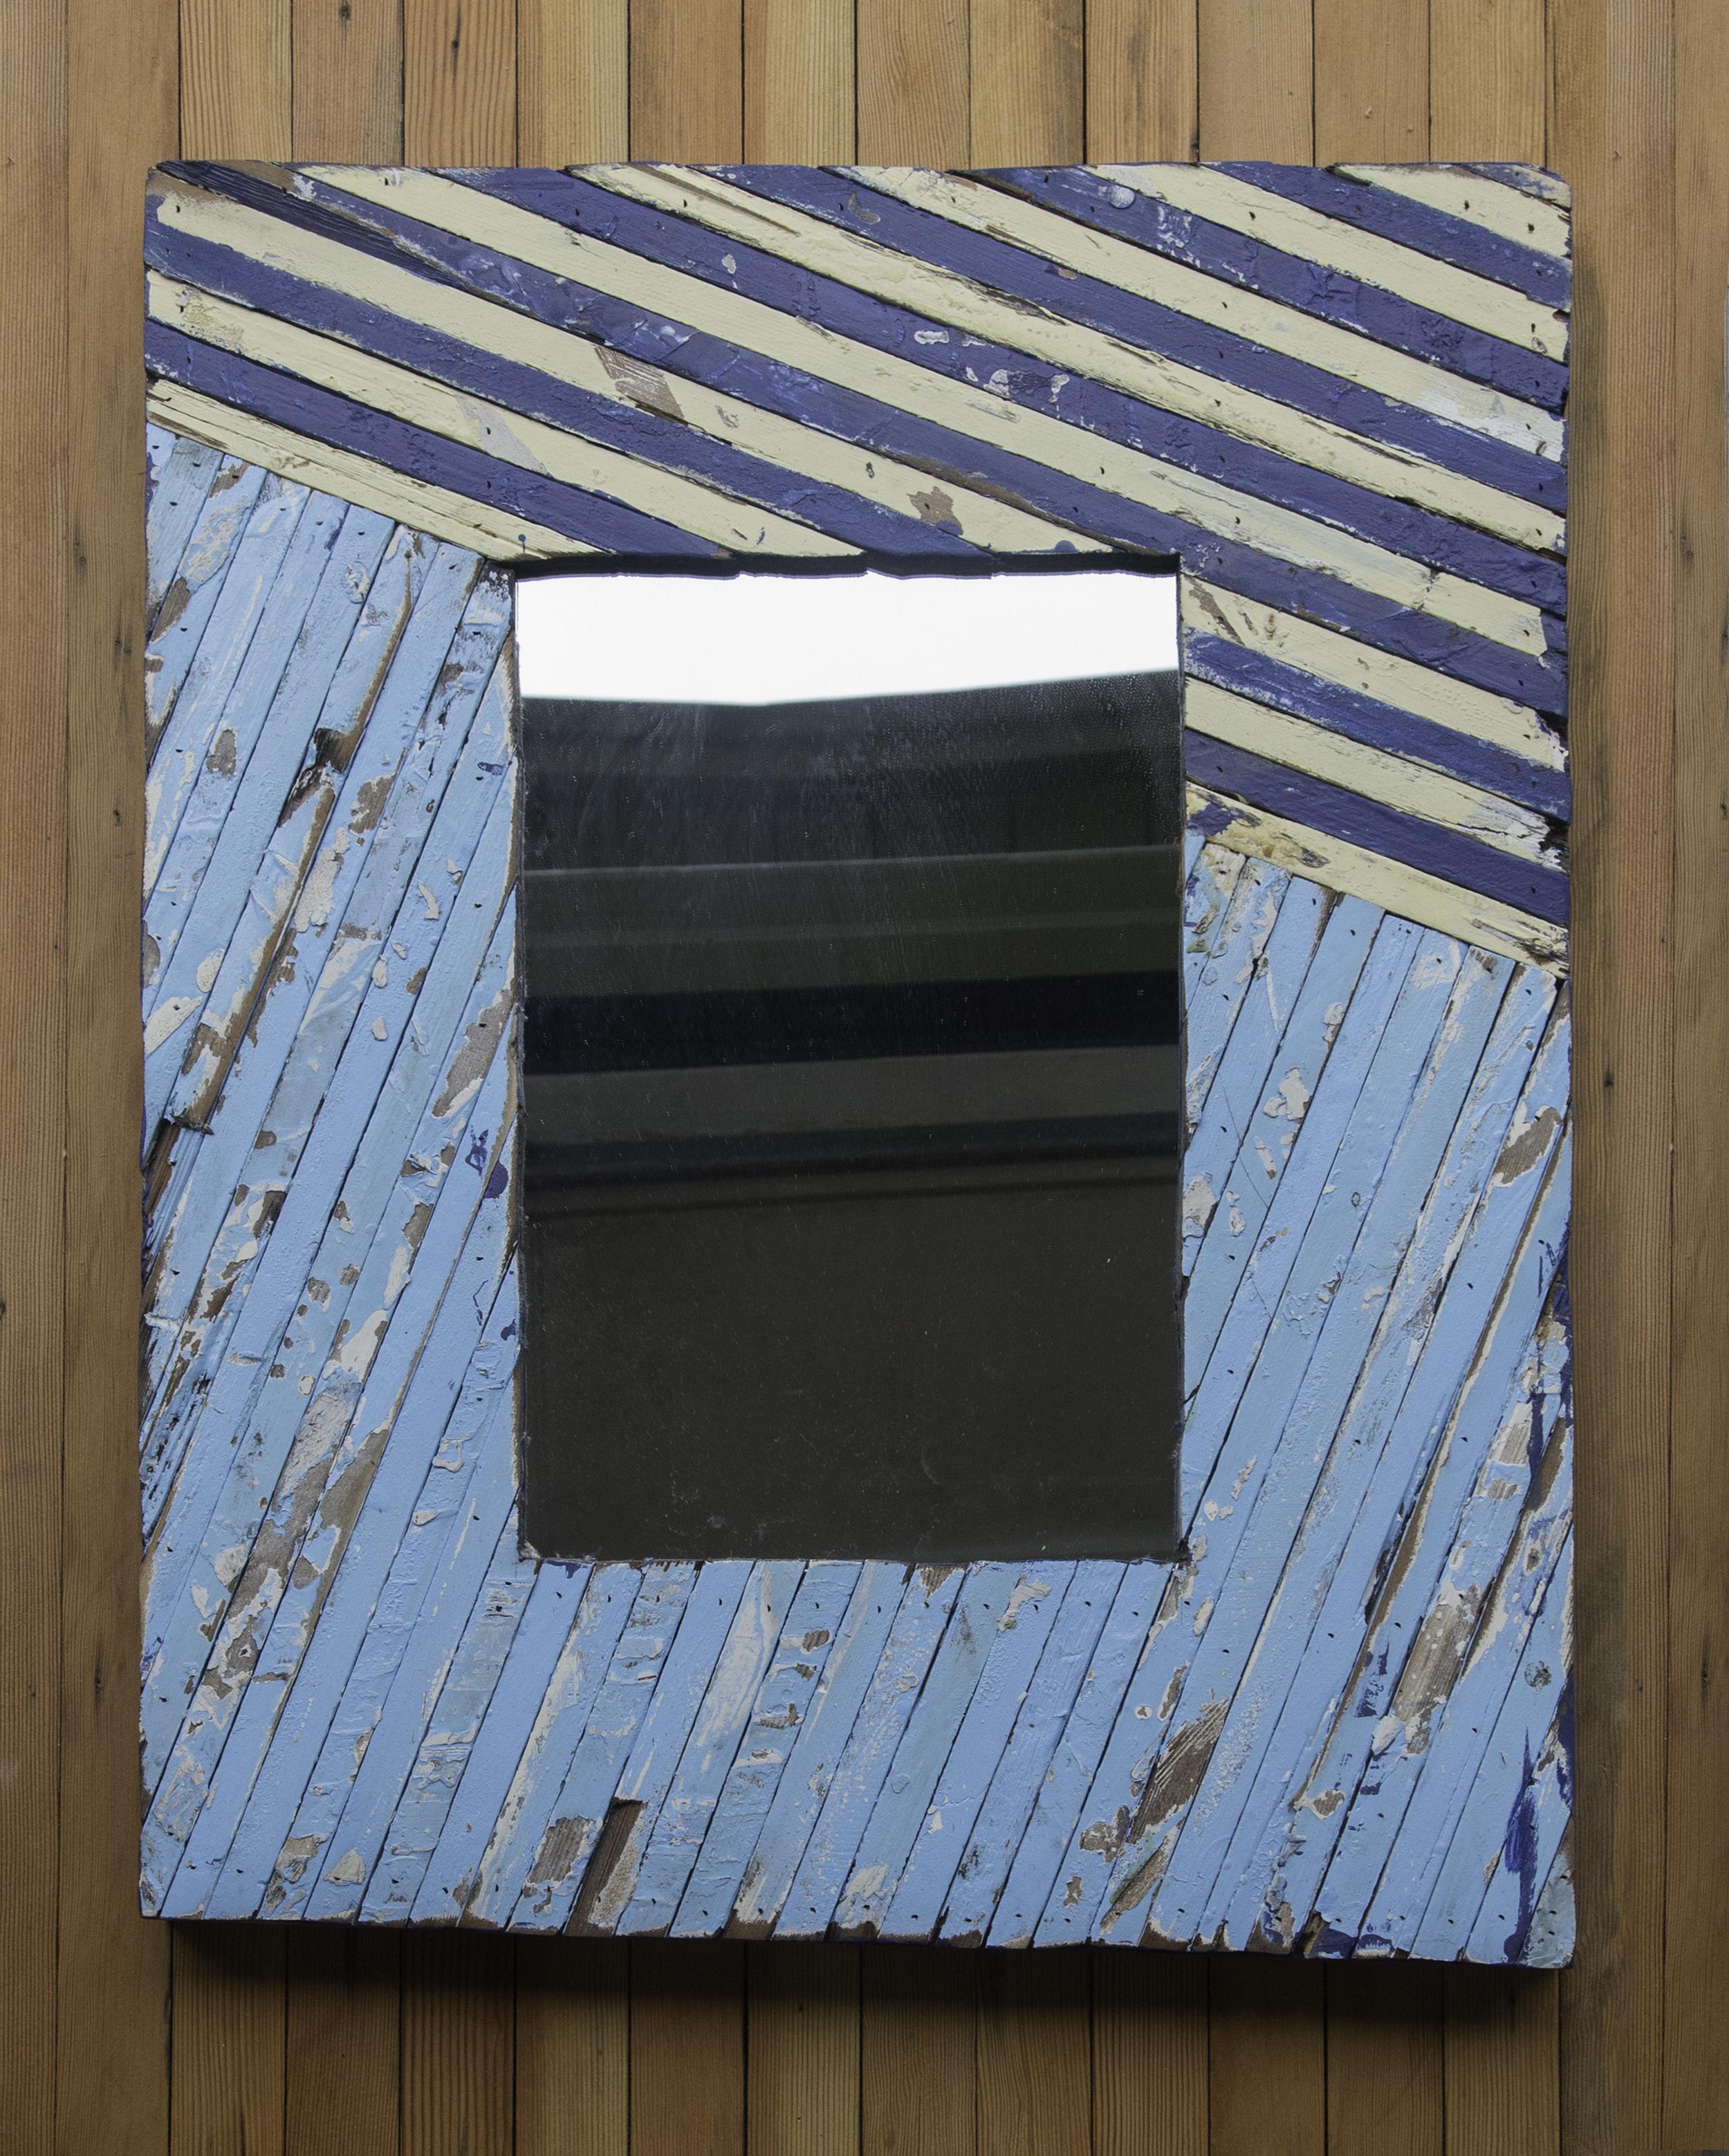 LB_LY_DB Mirror.jpg